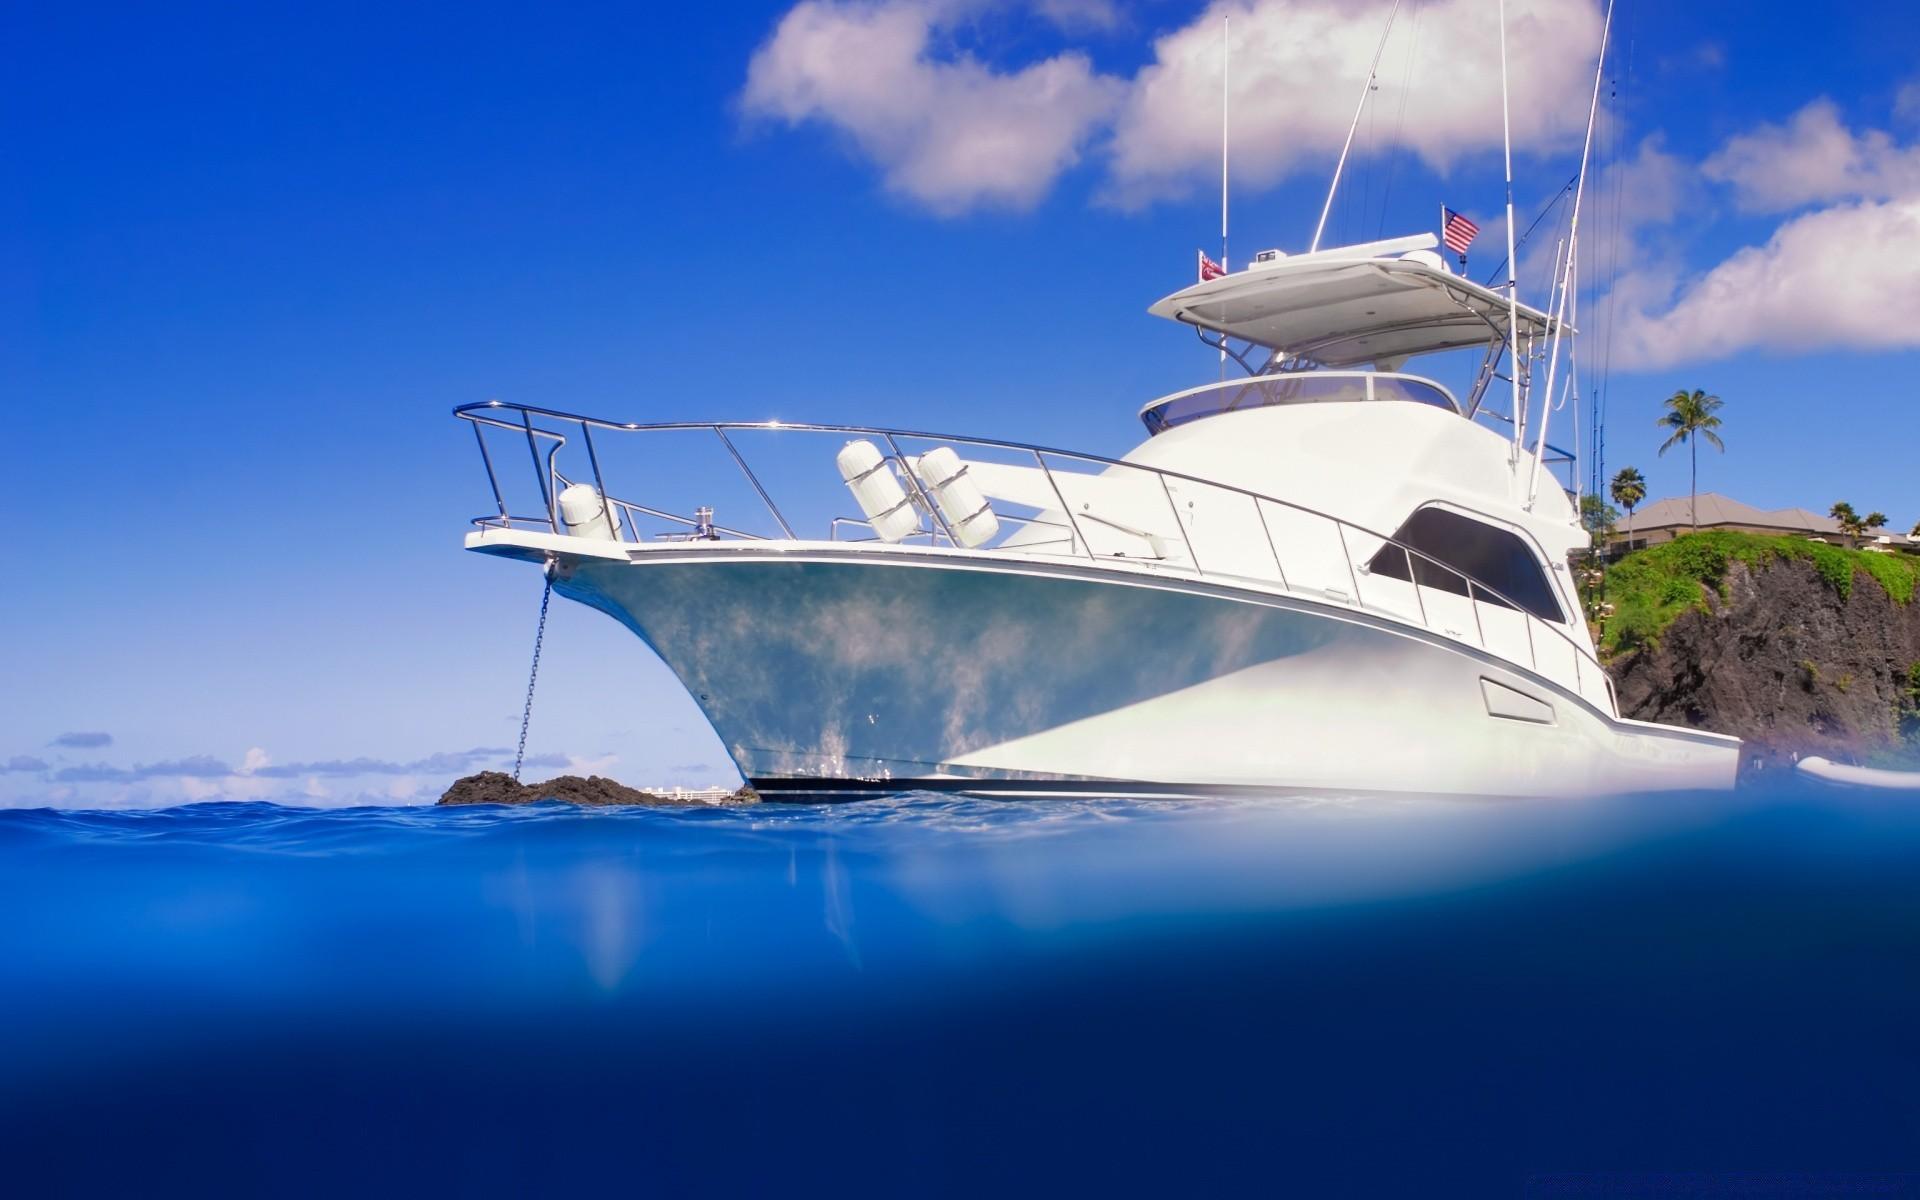 Открытки с яхтой, реальность